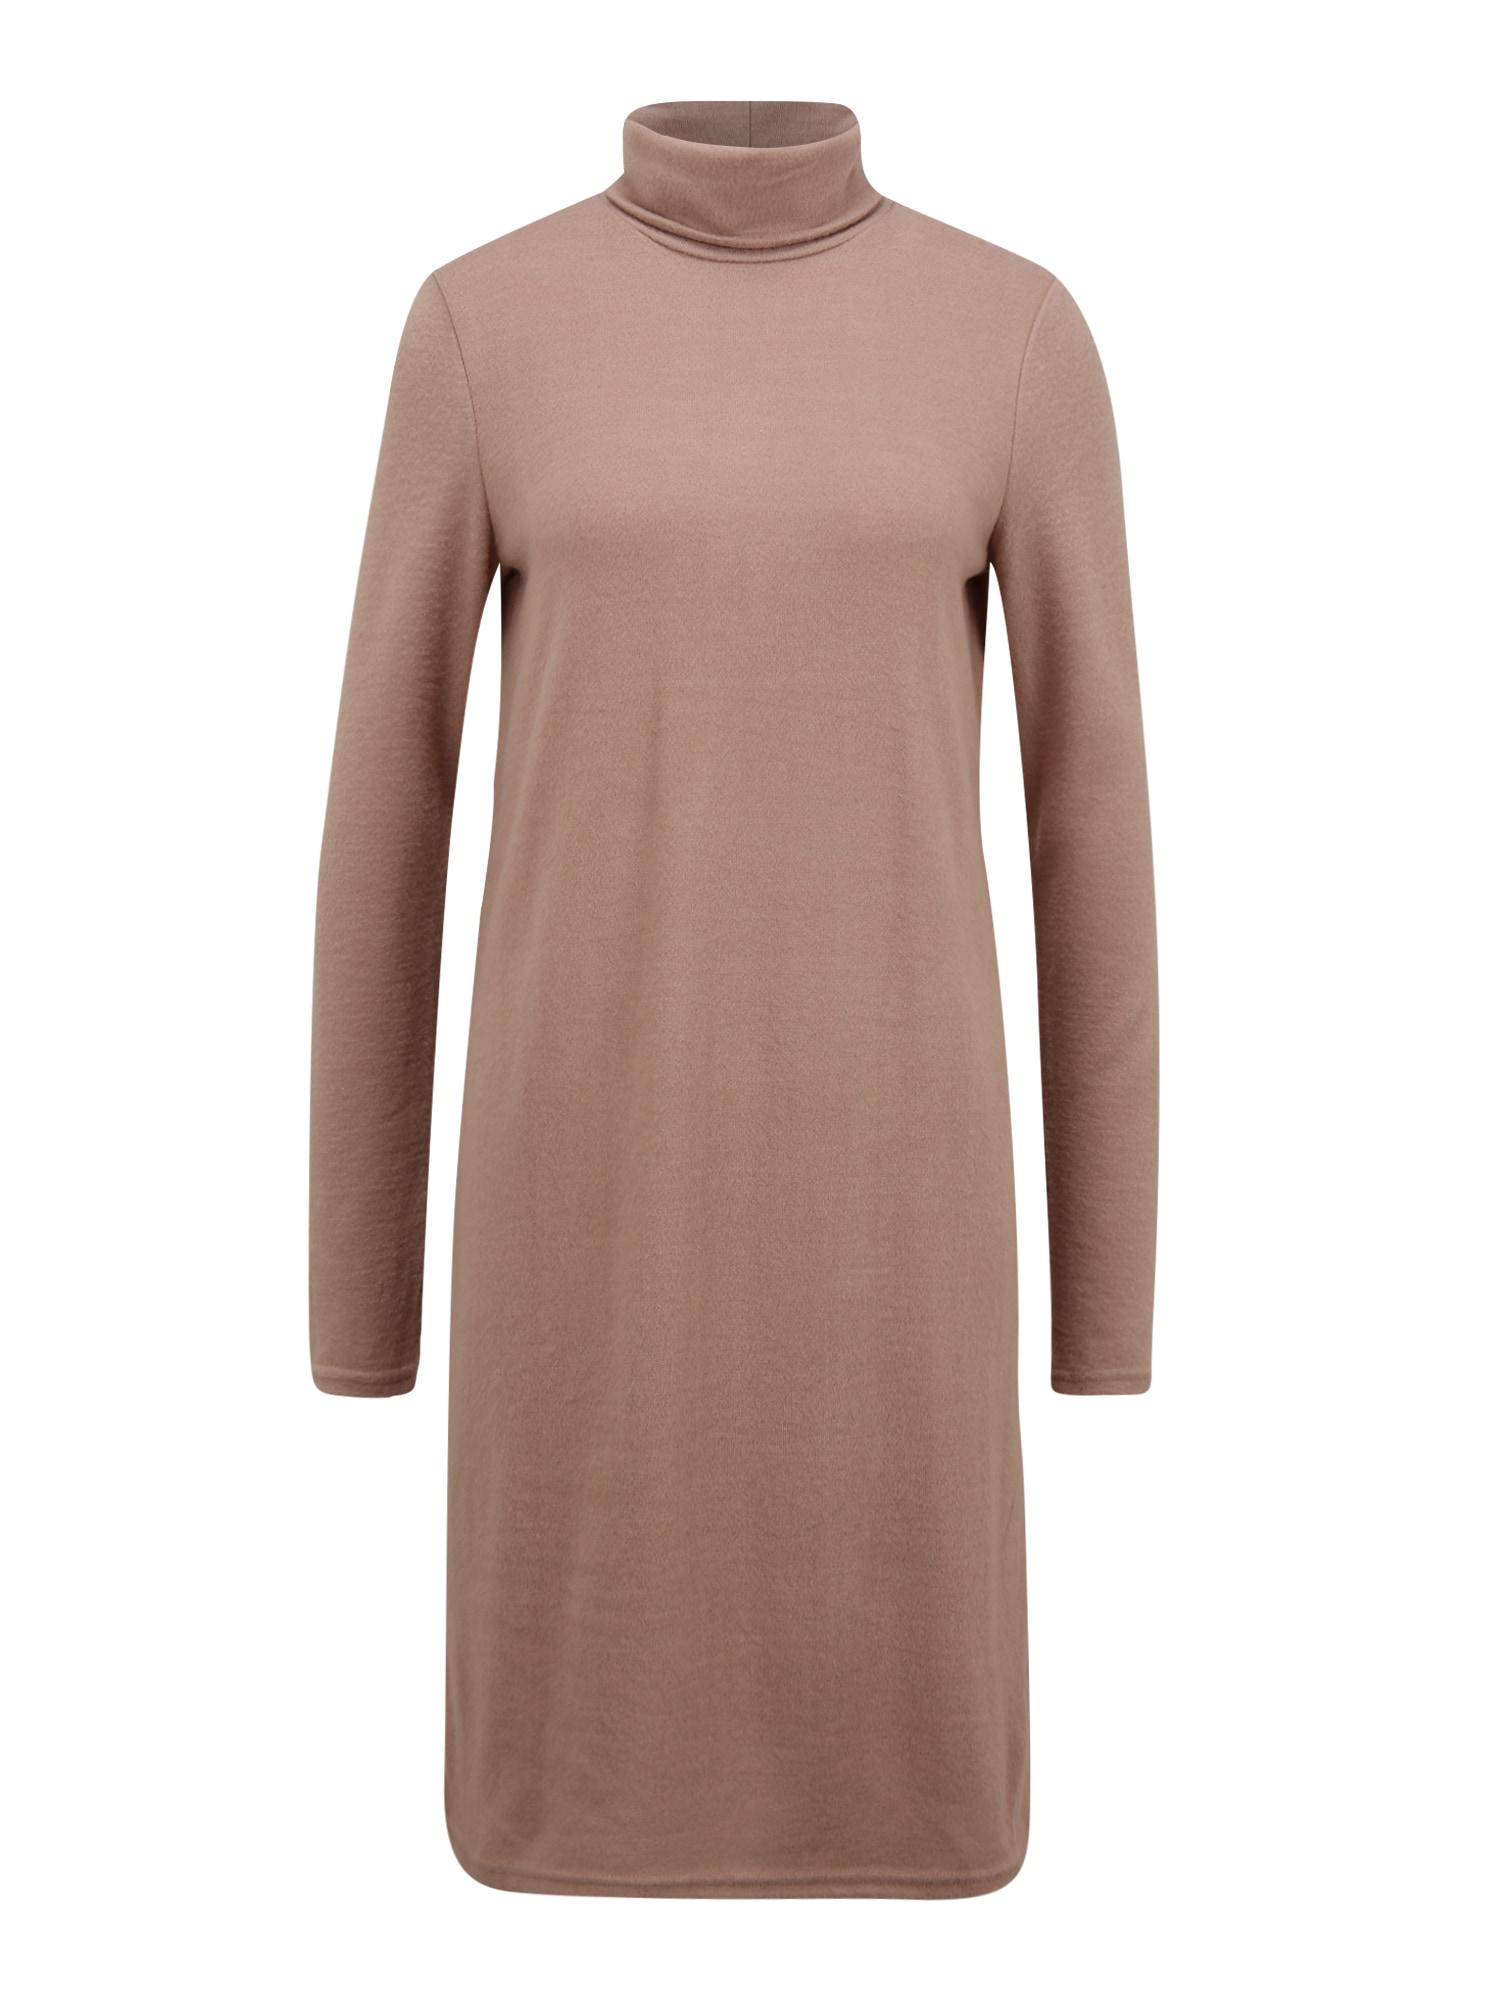 Pieces (Tall) Suknelė šviesiai ruda